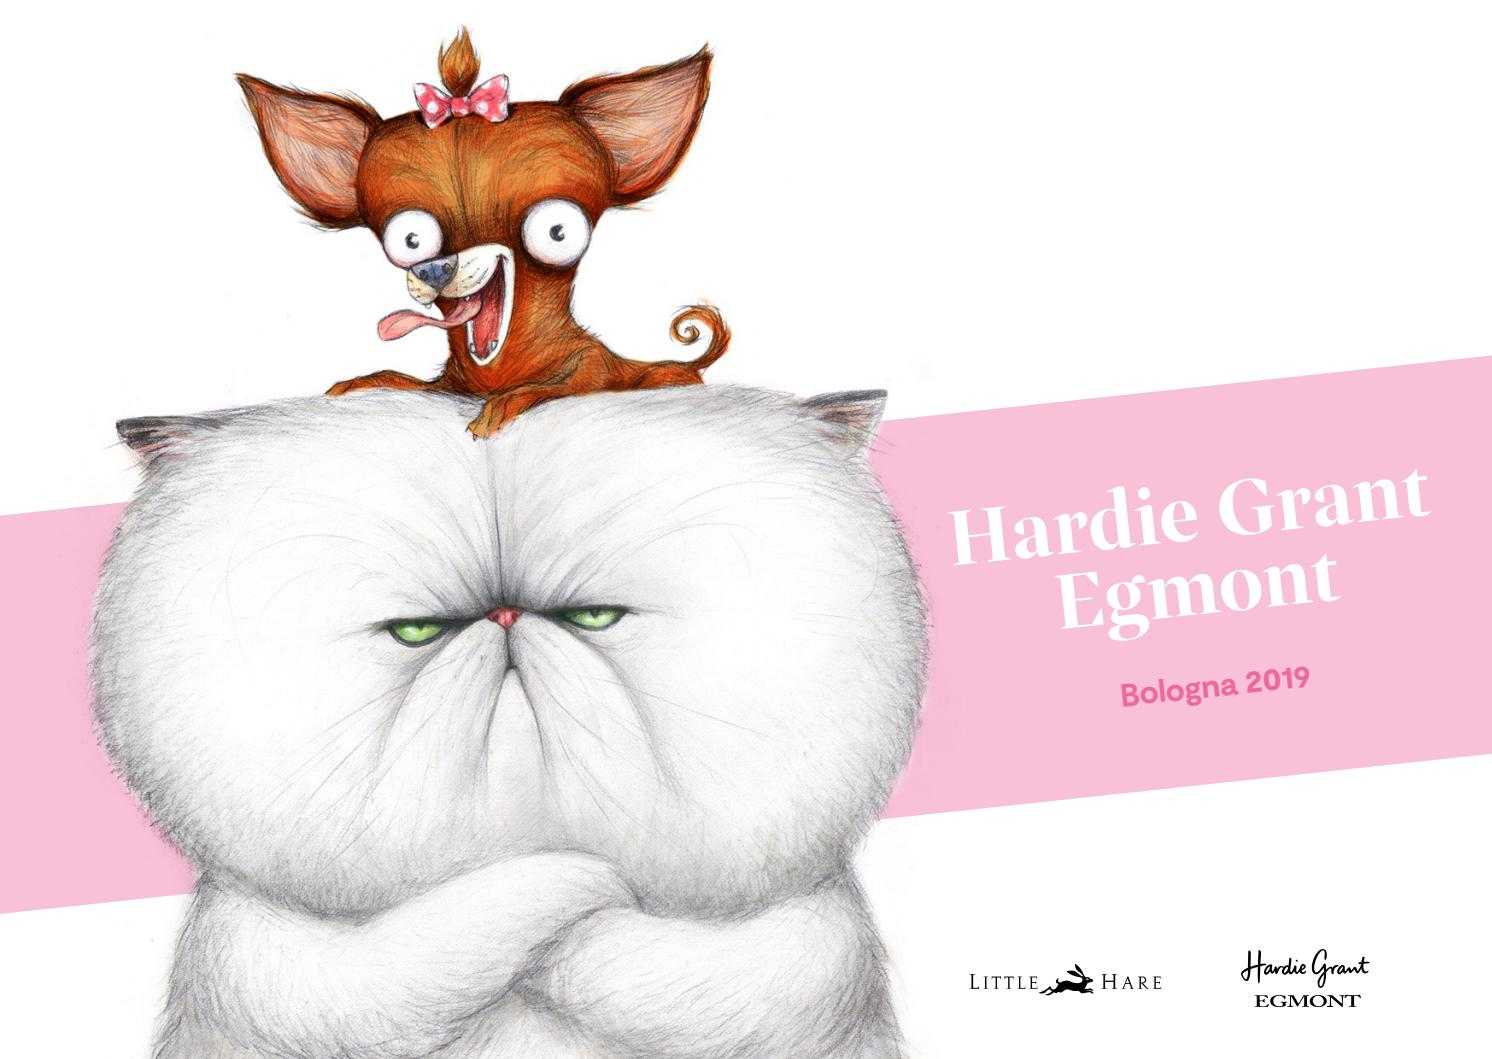 cc7e0acb4 Hardie Grant Egmont Catalogue 2019 by Hardie Grant Egmont - issuu